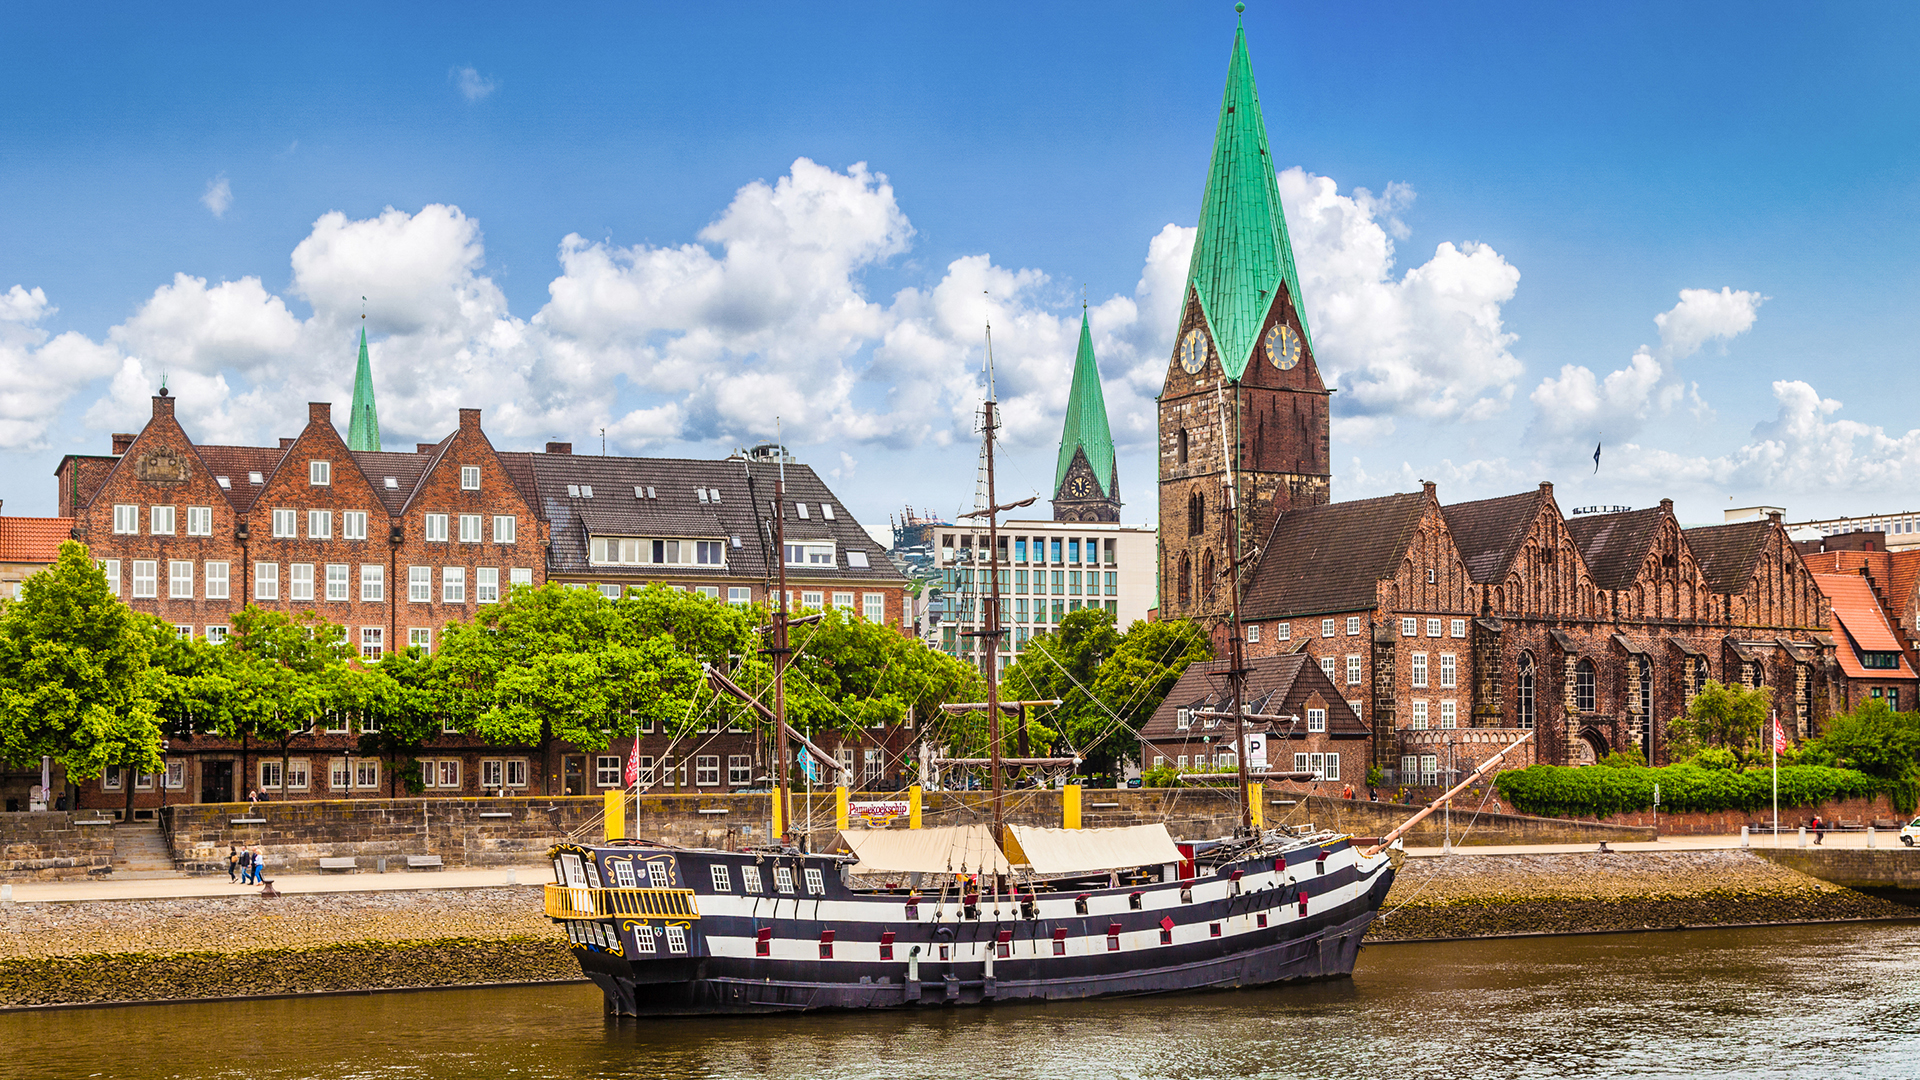 Historische Stadt Bremen mit altem Segelschiff am Weser Fluss